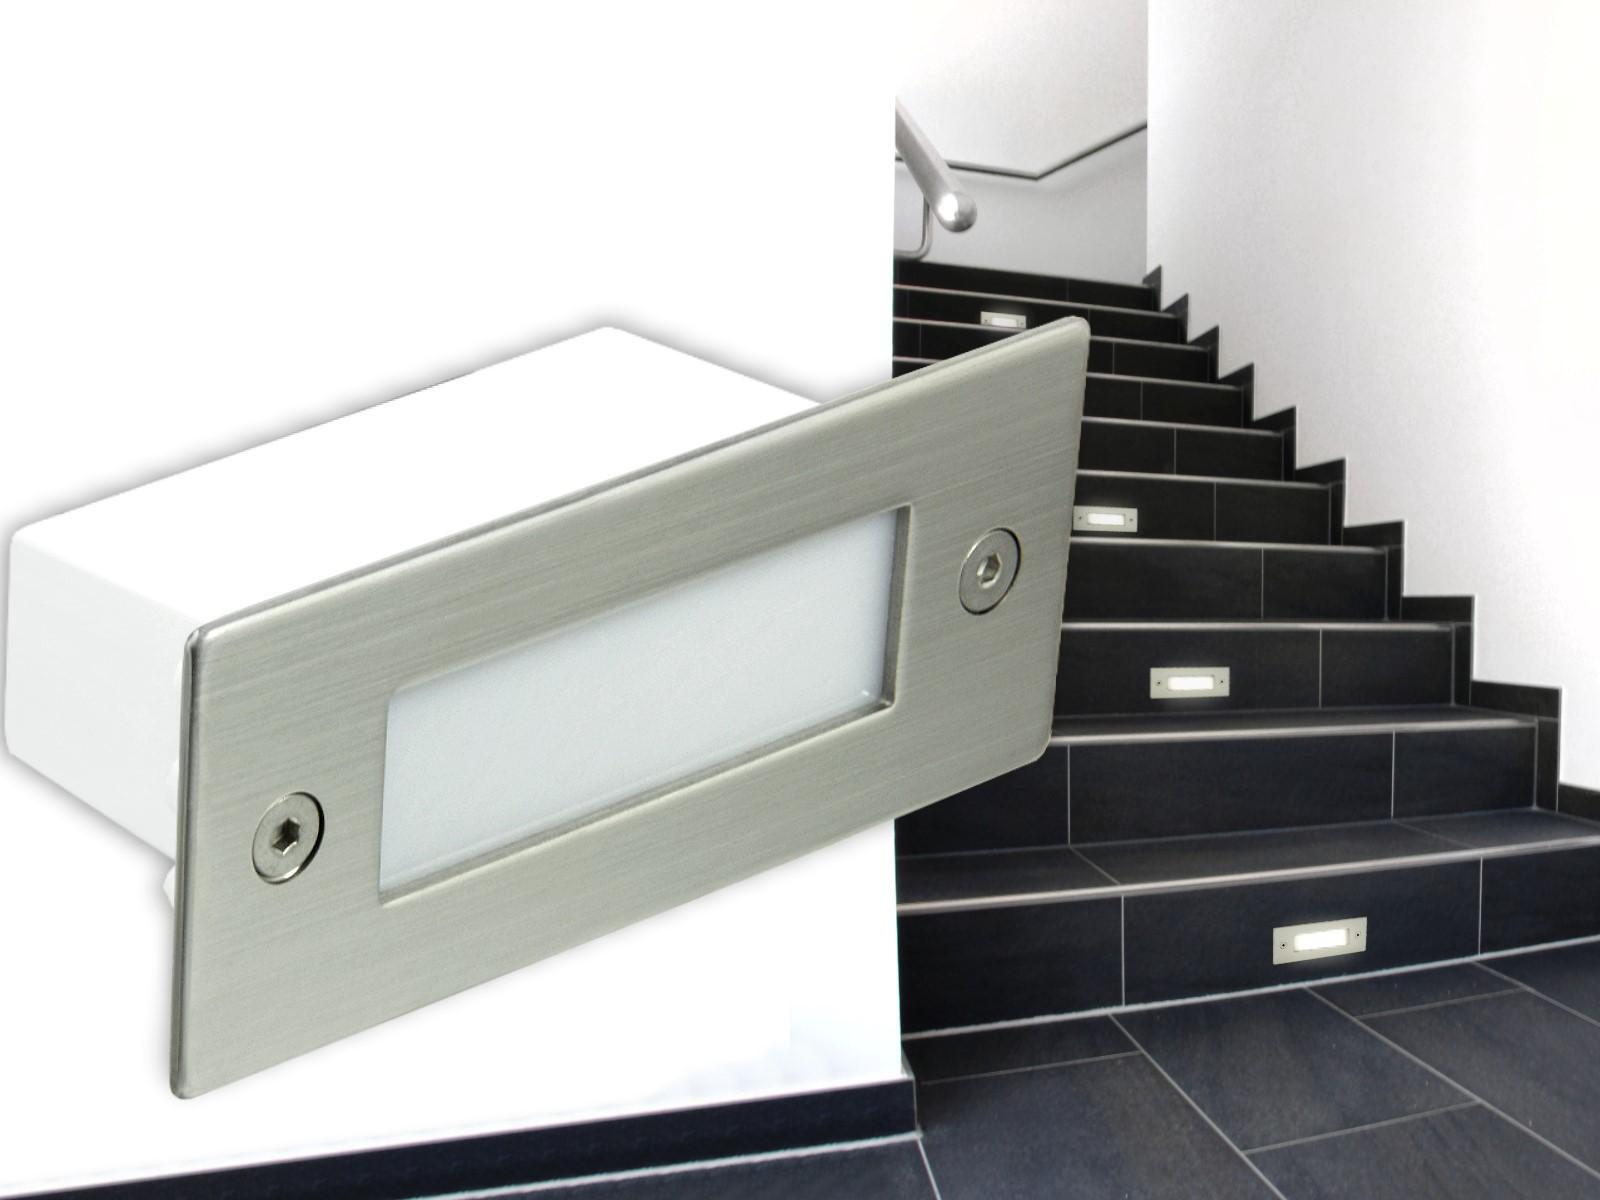 Edelstahl LED Einbauleuchte Piko für Wand, Boden oder Treppe - 1W ...